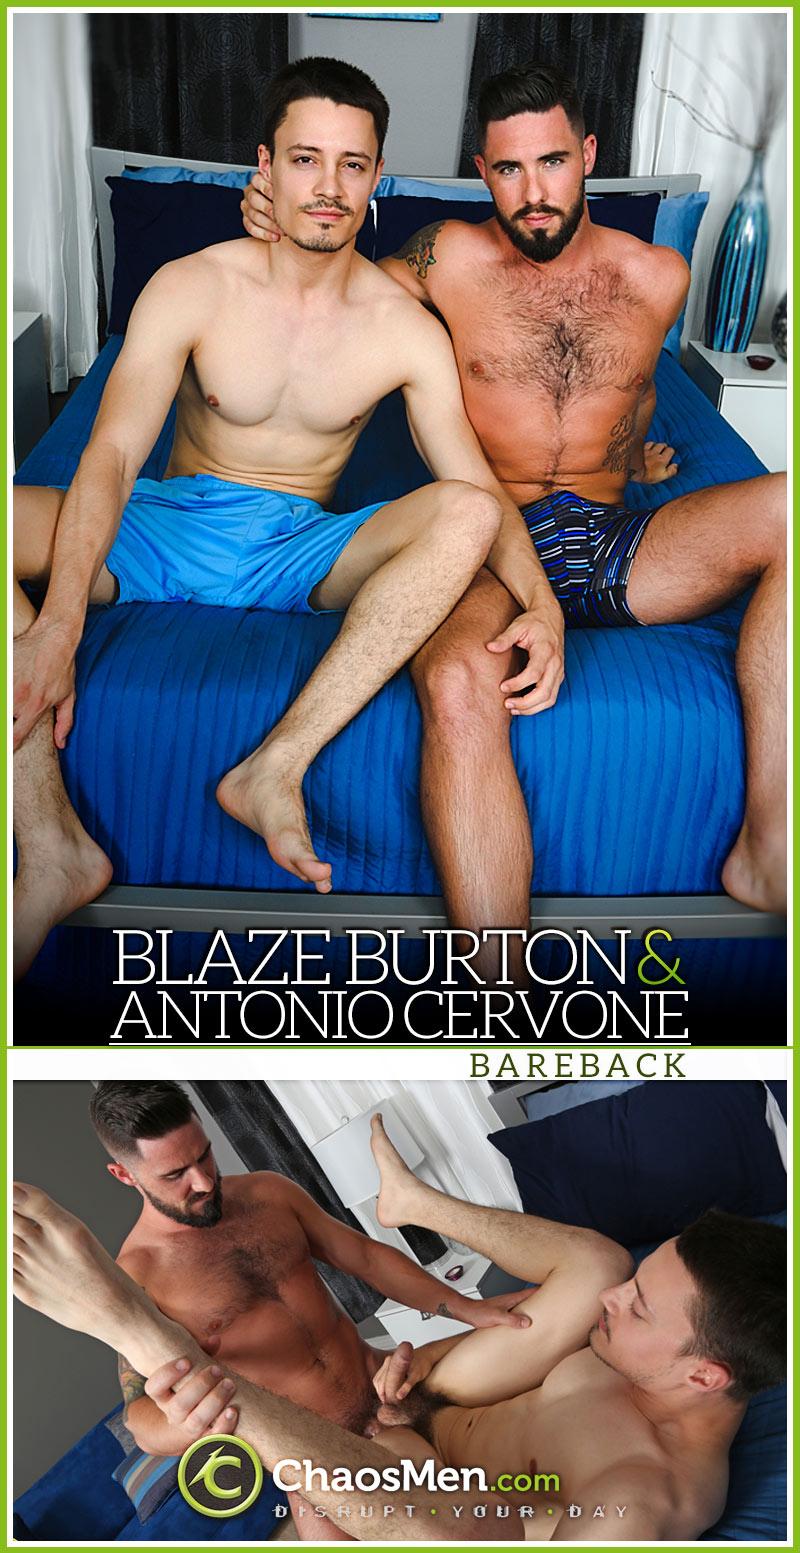 Blaze Burton Fucks Antonio Cervone RAW at ChaosMen